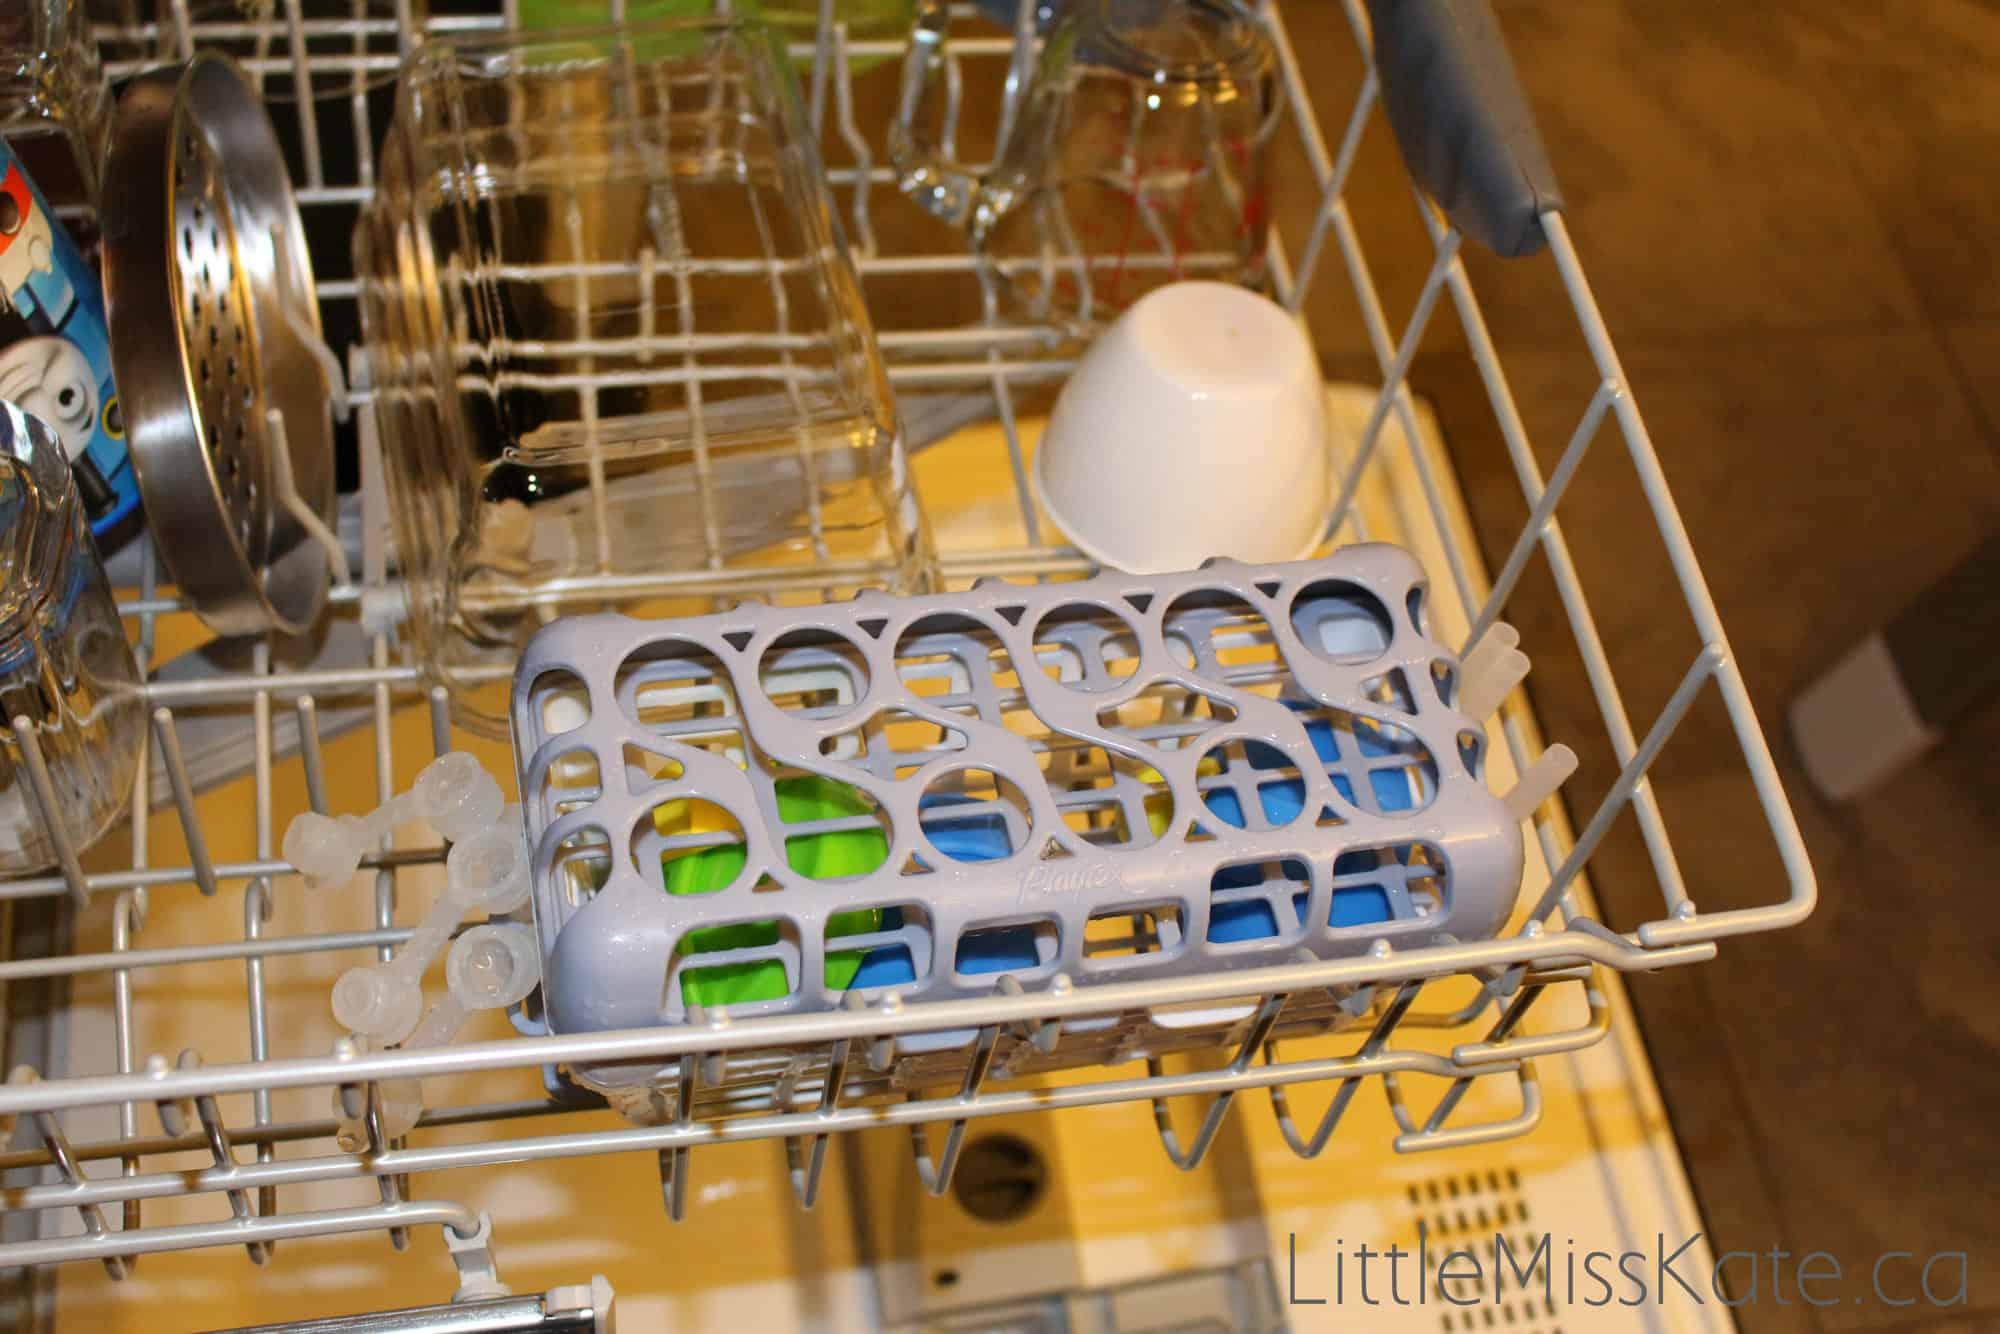 Playtex SmartSpace Dishwasher Basket straws